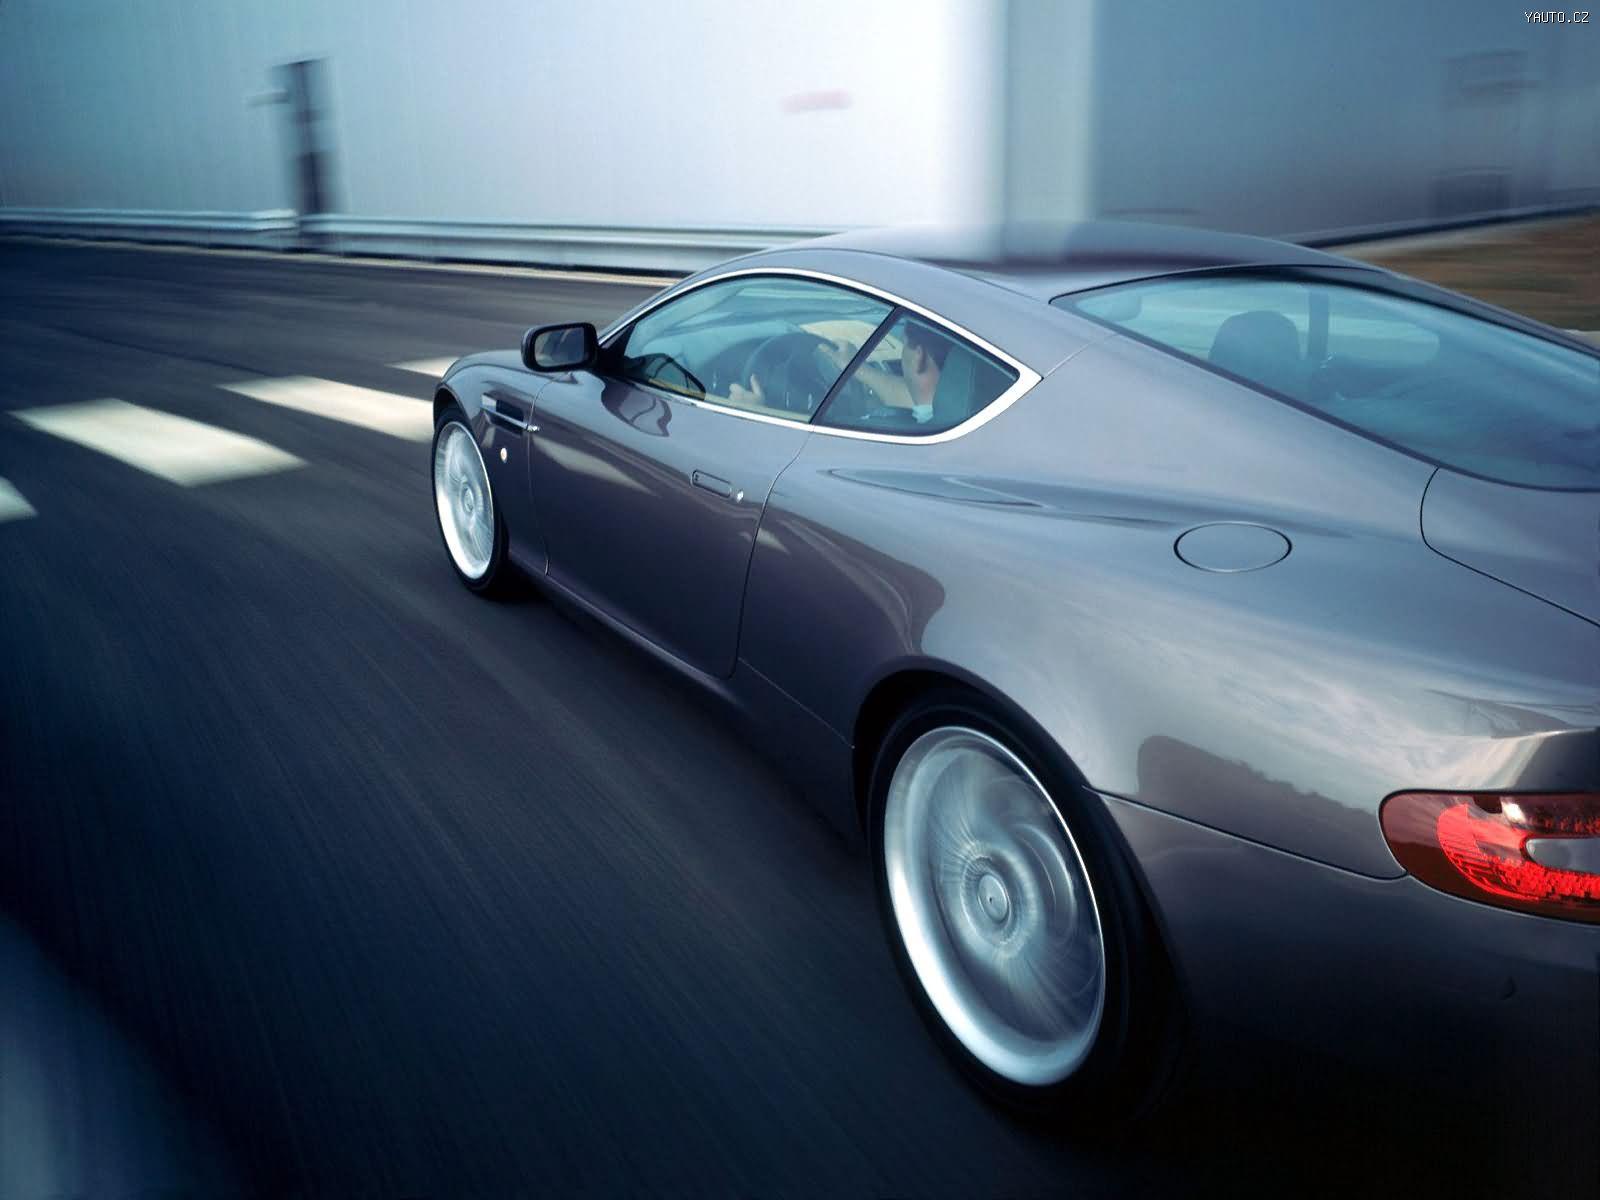 синий автомобиль Aston Martin  № 2593907 без смс